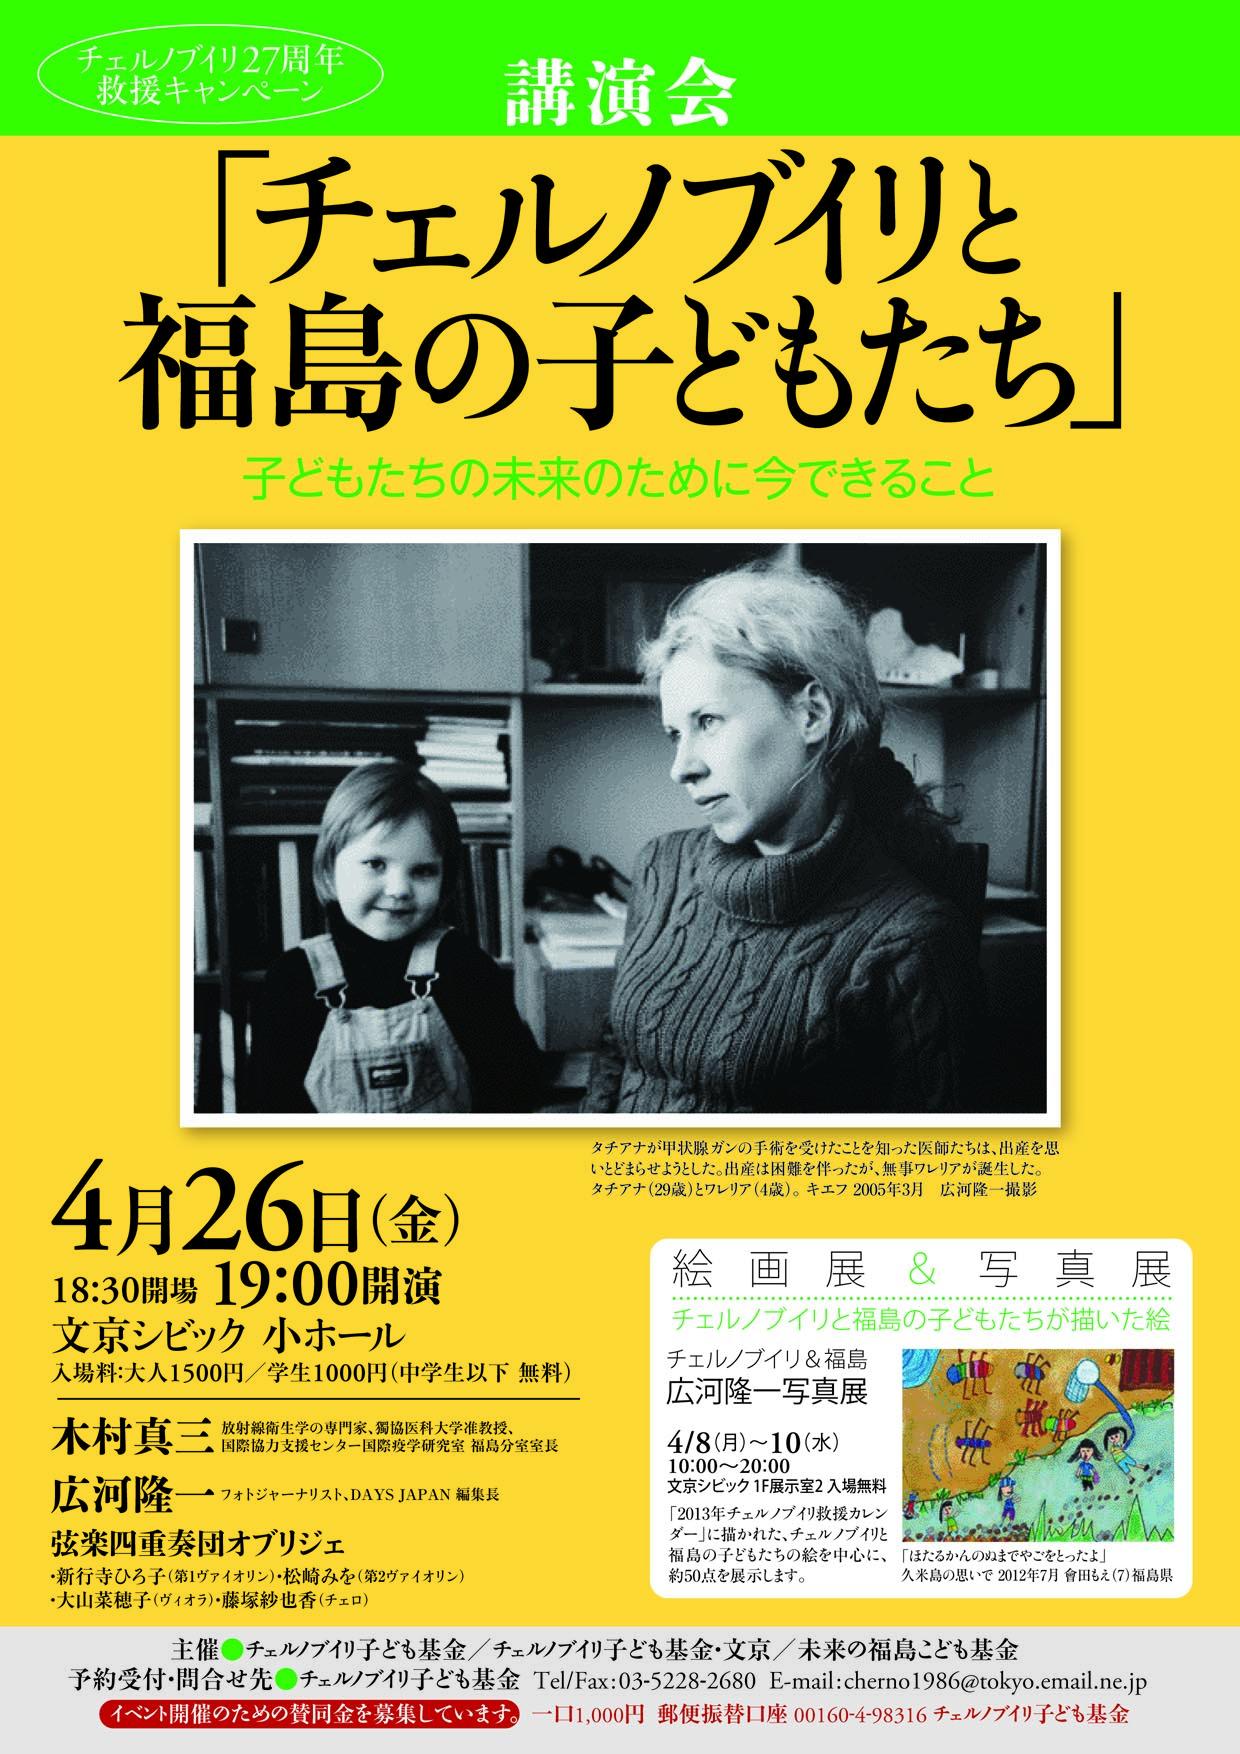 講演「チェルノブイリと福島の子どもたち」